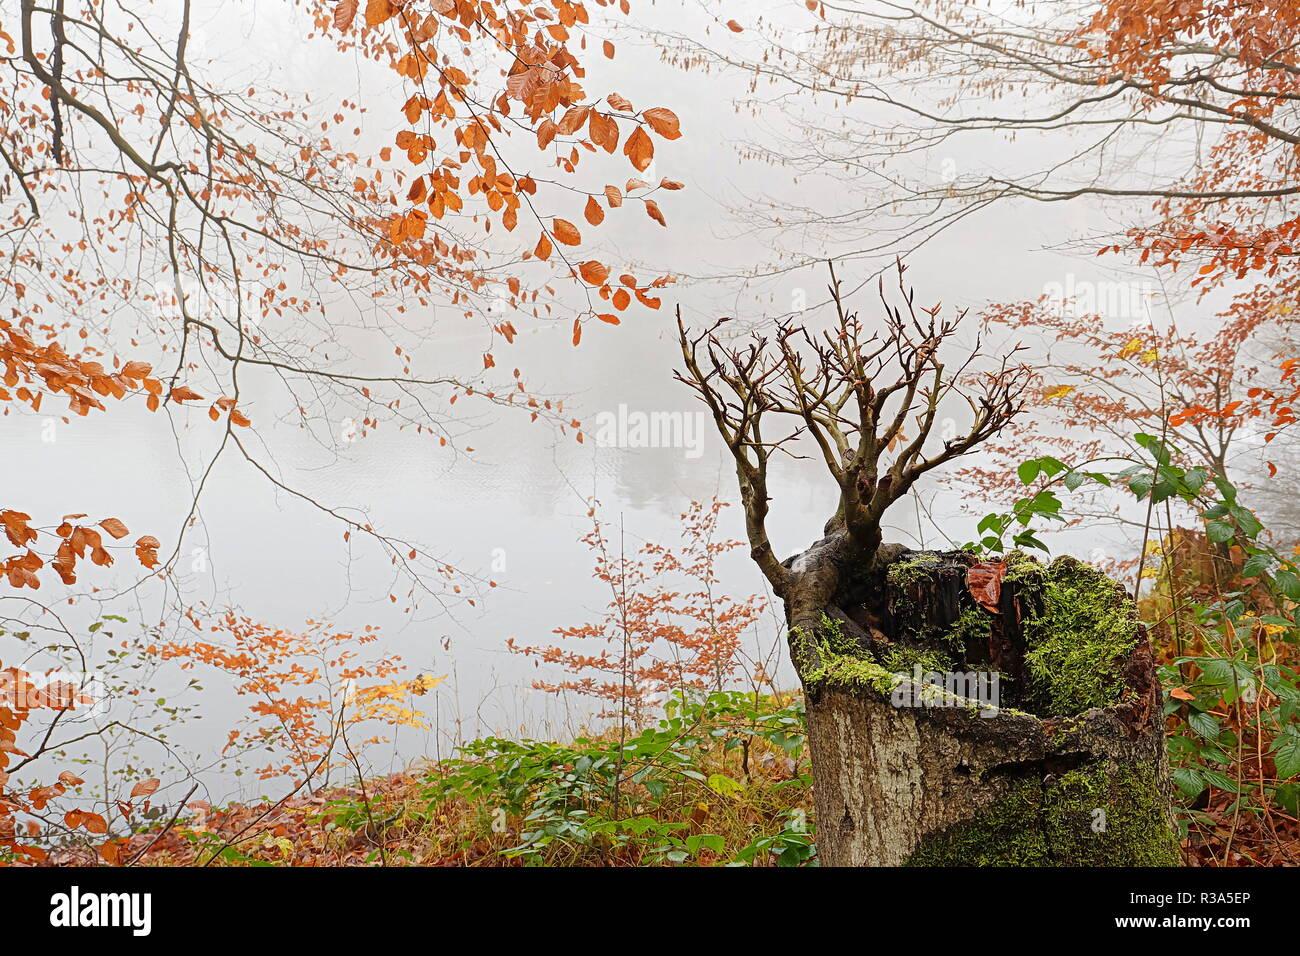 novemberblues Stock Photo